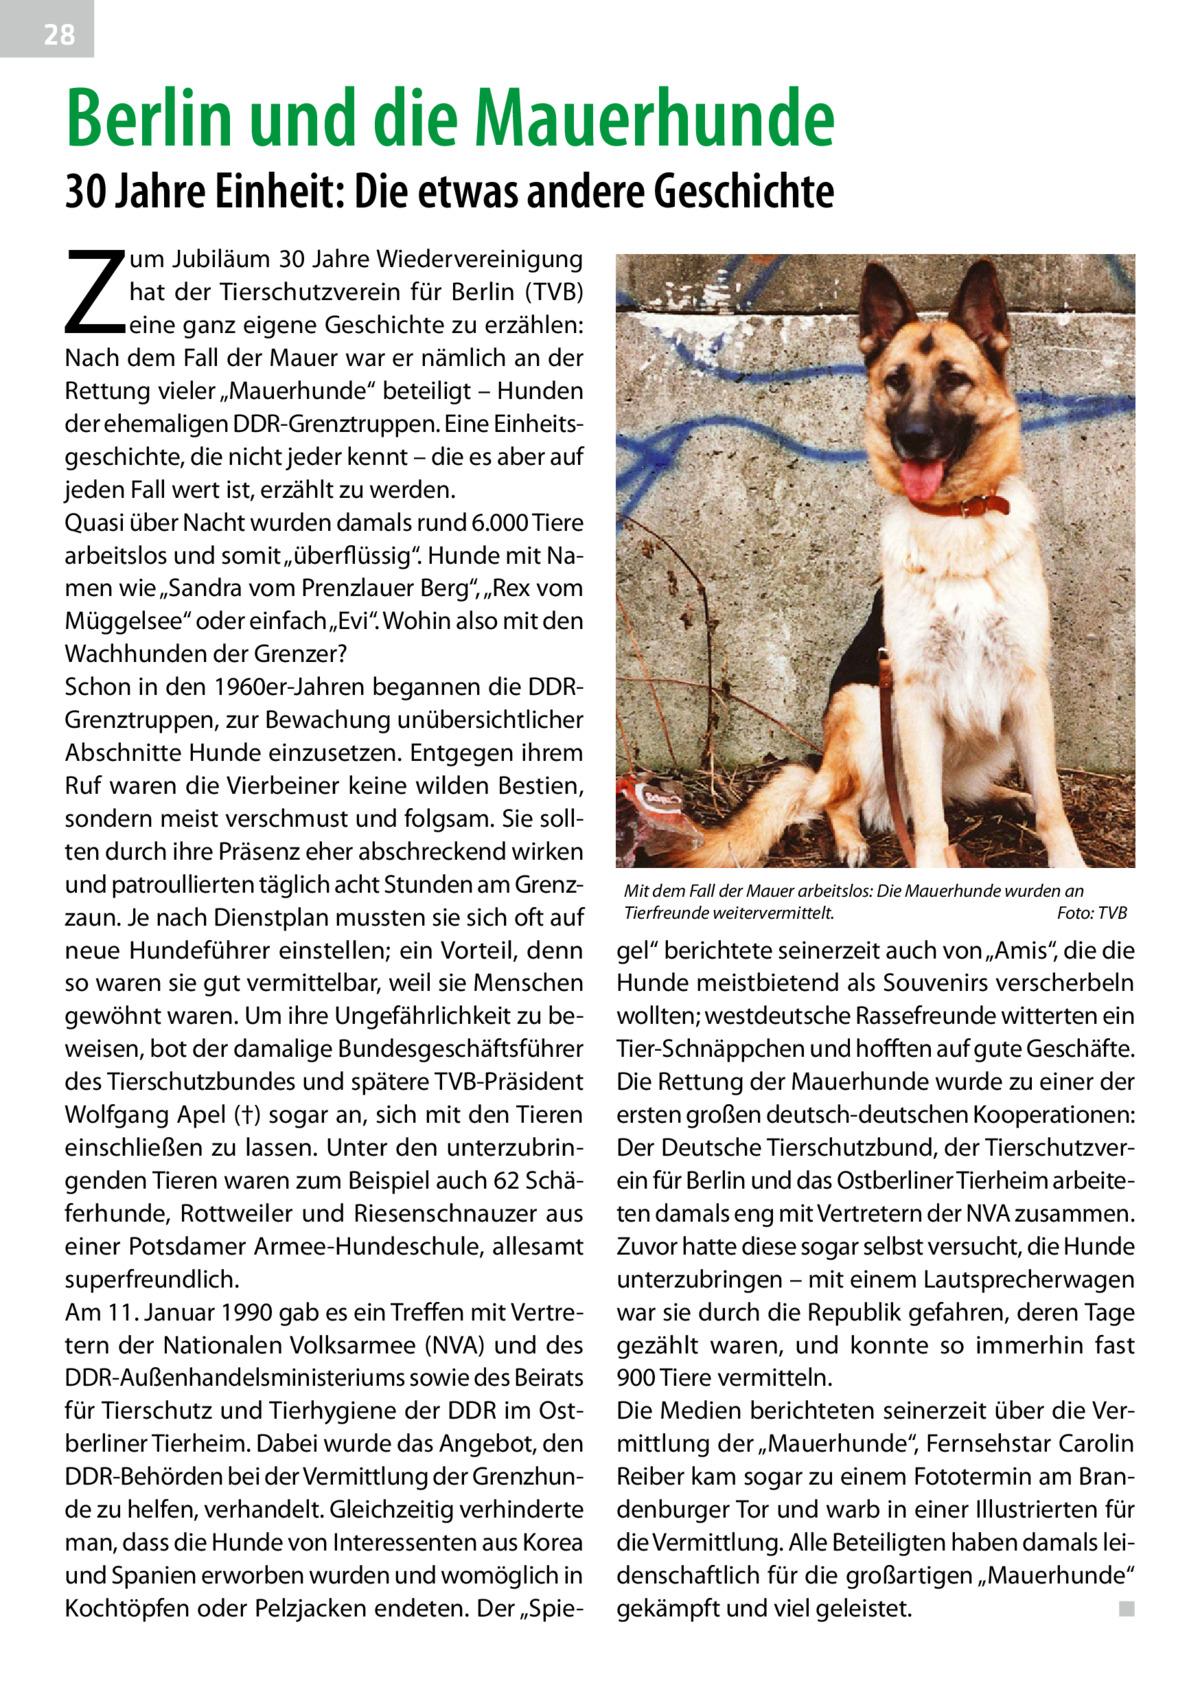 """28  Berlin und die Mauerhunde 30Jahre Einheit: Die etwas andere Geschichte  Z  um Jubiläum 30Jahre Wiedervereinigung hat der Tierschutzverein für Berlin (TVB) eine ganz eigene Geschichte zu erzählen: Nach dem Fall der Mauer war er nämlich an der Rettung vieler """"Mauerhunde"""" beteiligt – Hunden der ehemaligen DDR-Grenztruppen. Eine Einheitsgeschichte, die nicht jeder kennt – die es aber auf jeden Fall wert ist, erzählt zu werden. Quasi über Nacht wurden damals rund 6.000Tiere arbeitslos und somit """"überflüssig"""". Hunde mit Namen wie """"Sandra vom Prenzlauer Berg"""", """"Rex vom Müggelsee"""" oder einfach """"Evi"""". Wohin also mit den Wachhunden der Grenzer? Schon in den 1960er-Jahren begannen die DDRGrenztruppen, zur Bewachung unübersichtlicher Abschnitte Hunde einzusetzen. Entgegen ihrem Ruf waren die Vierbeiner keine wilden Bestien, sondern meist verschmust und folgsam. Sie sollten durch ihre Präsenz eher abschreckend wirken und patroullierten täglich acht Stunden am Grenzzaun. Je nach Dienstplan mussten sie sich oft auf neue Hundeführer einstellen; ein Vorteil, denn so waren sie gut vermittelbar, weil sie Menschen gewöhnt waren. Um ihre Ungefährlichkeit zu beweisen, bot der damalige Bundesgeschäftsführer des Tierschutzbundes und spätere TVB-Präsident Wolfgang Apel(†) sogar an, sich mit den Tieren einschließen zu lassen. Unter den unterzubringenden Tieren waren zum Beispiel auch 62Schäferhunde, Rottweiler und Riesenschnauzer aus einer Potsdamer Armee-Hundeschule, allesamt superfreundlich. Am 11.Januar 1990 gab es ein Treffen mit Vertretern der Nationalen Volksarmee (NVA) und des DDR-Außenhandelsministeriums sowie des Beirats für Tierschutz und Tierhygiene der DDR im Ostberliner Tierheim. Dabei wurde das Angebot, den DDR-Behörden bei der Vermittlung der Grenzhunde zu helfen, verhandelt. Gleichzeitig verhinderte man, dass die Hunde von Interessenten aus Korea und Spanien erworben wurden und womöglich in Kochtöpfen oder Pelzjacken endeten. Der """"Spie Mit dem Fall der Mauer arbeitslos: D"""